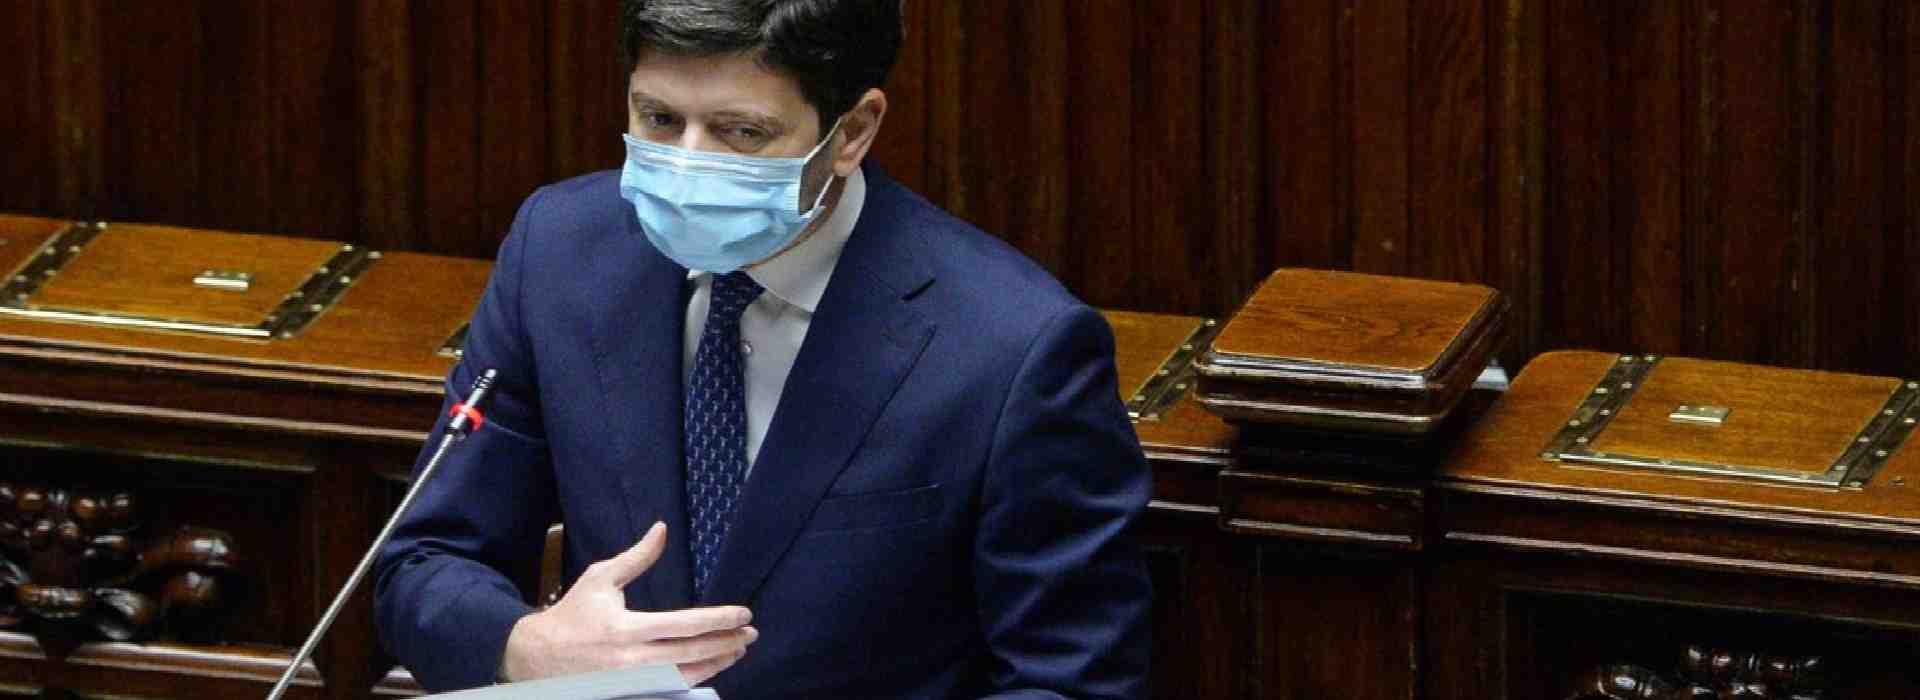 Il nuovo Dpcm blocca gli italiani fino al 6 aprile